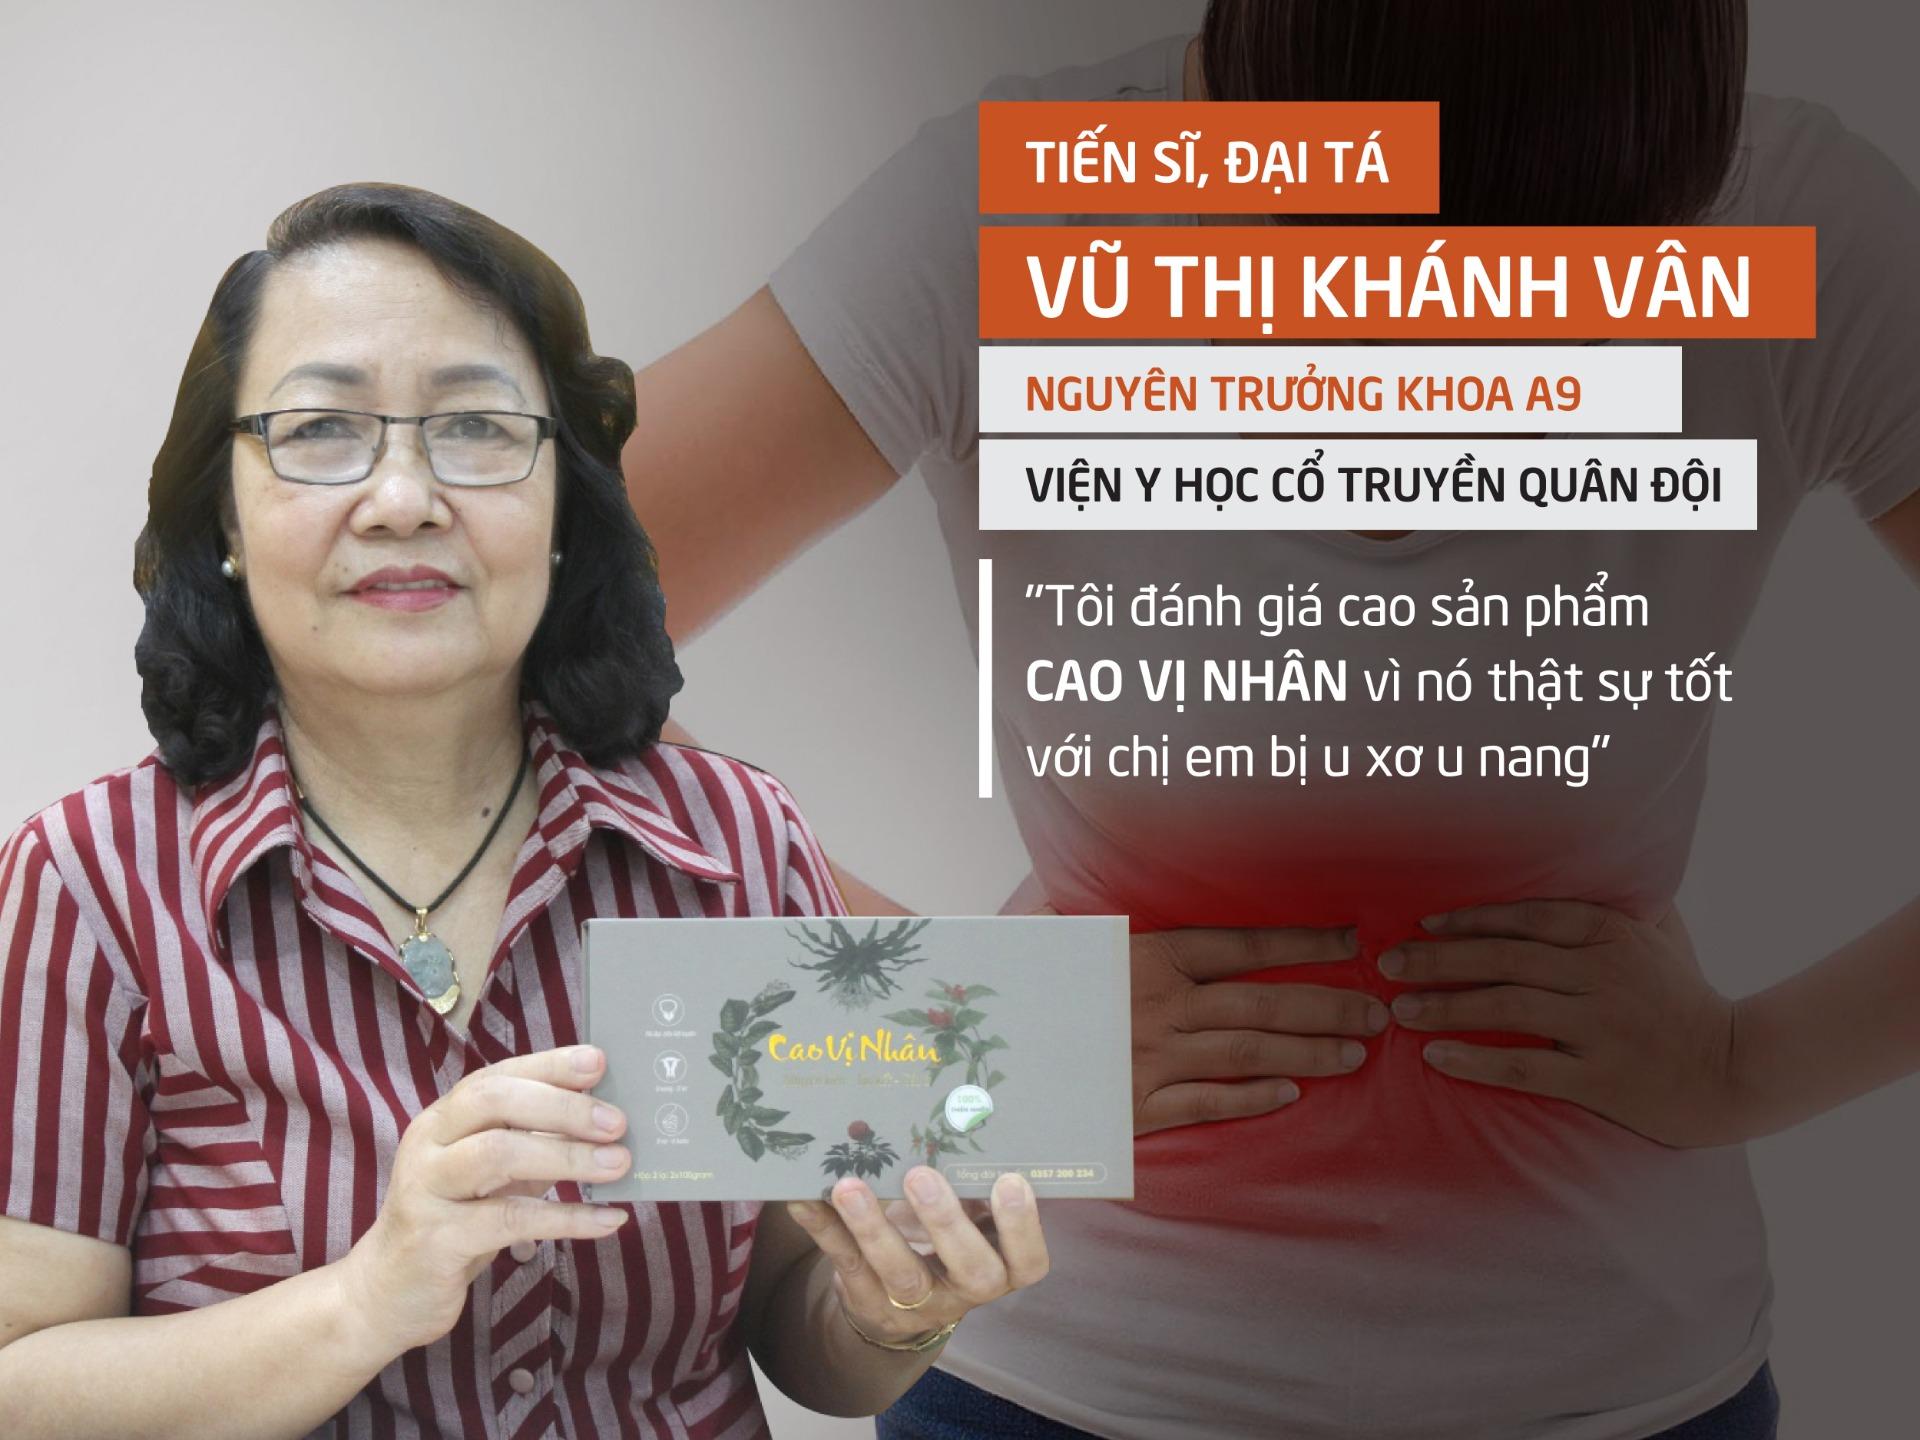 Tiến sĩ. Đại tá. Bác sĩ. Vũ Thị Khánh Vân nhận xét về sản phẩm Cao Vị Nhân